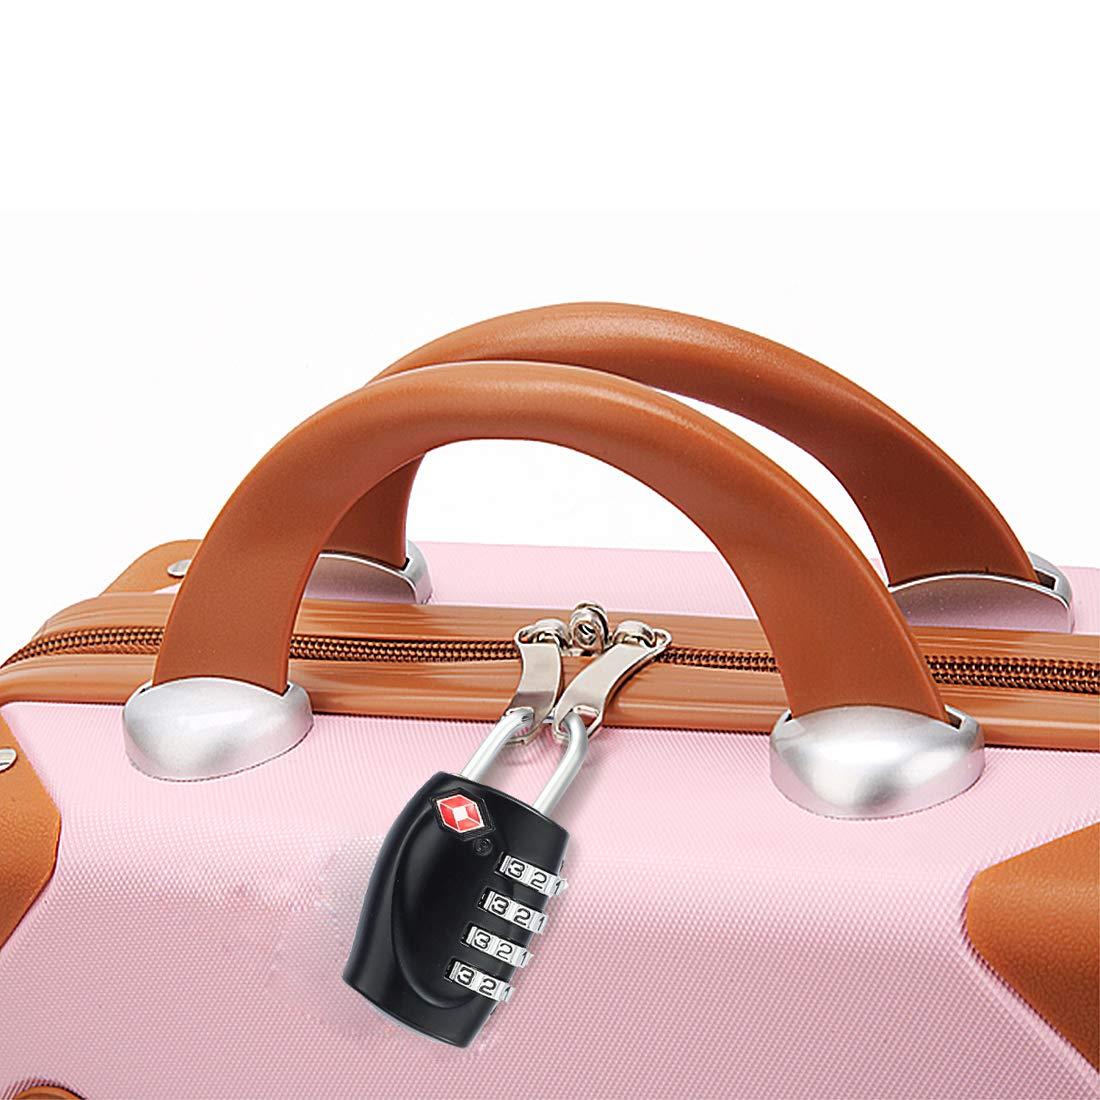 iMucci IZ0170 Cadenas Multicolore 2 Black Luggage Locks 2 Luggage Tags